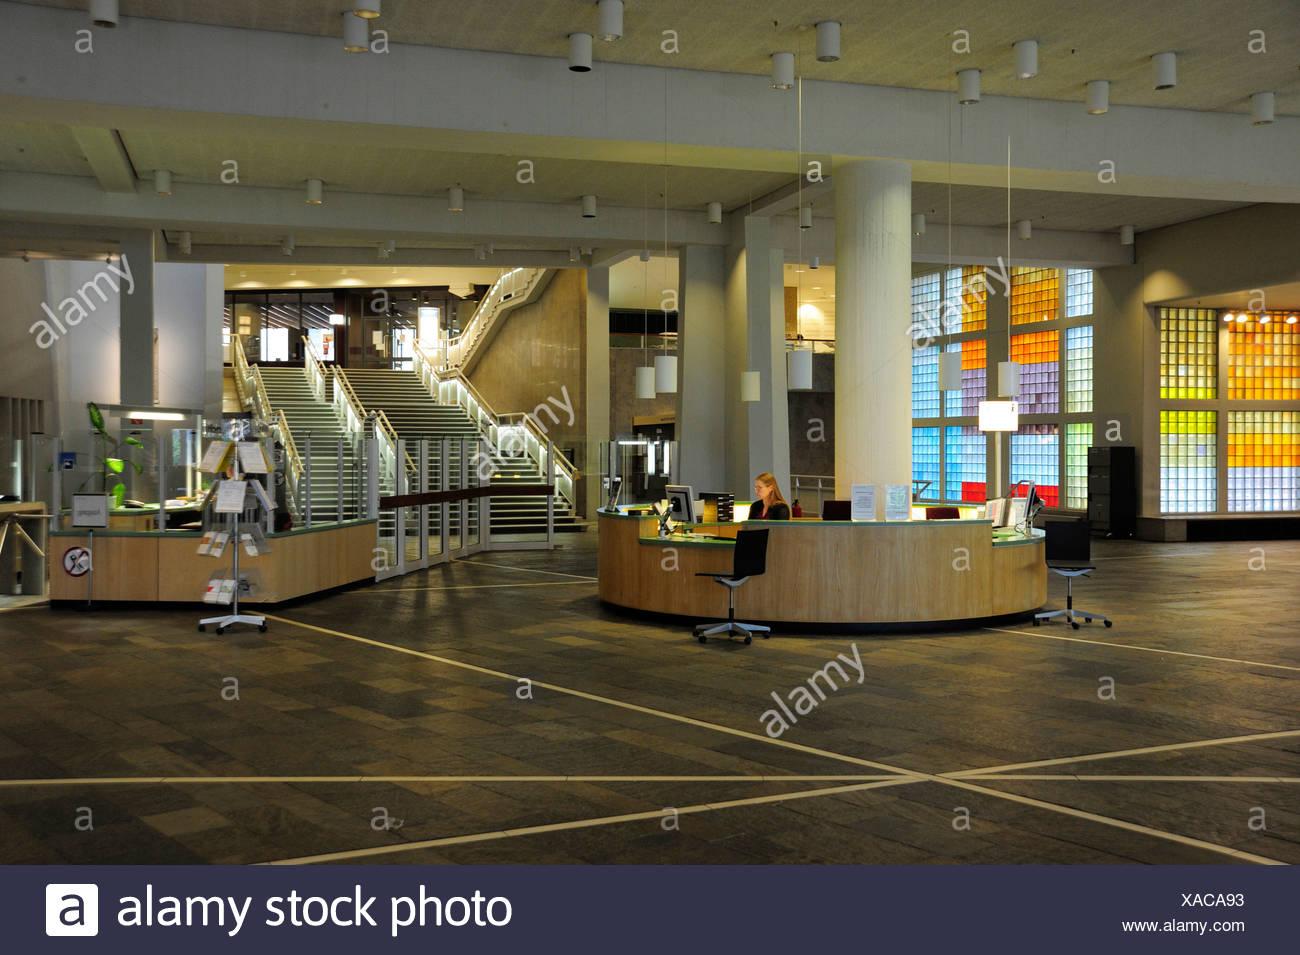 Öffentlichen Eingangsbereich der Nationalbibliothek, Staatsbibliothek, von dem Architekten Hans Scharoun, Berlin, Deutschland, Europa Stockbild